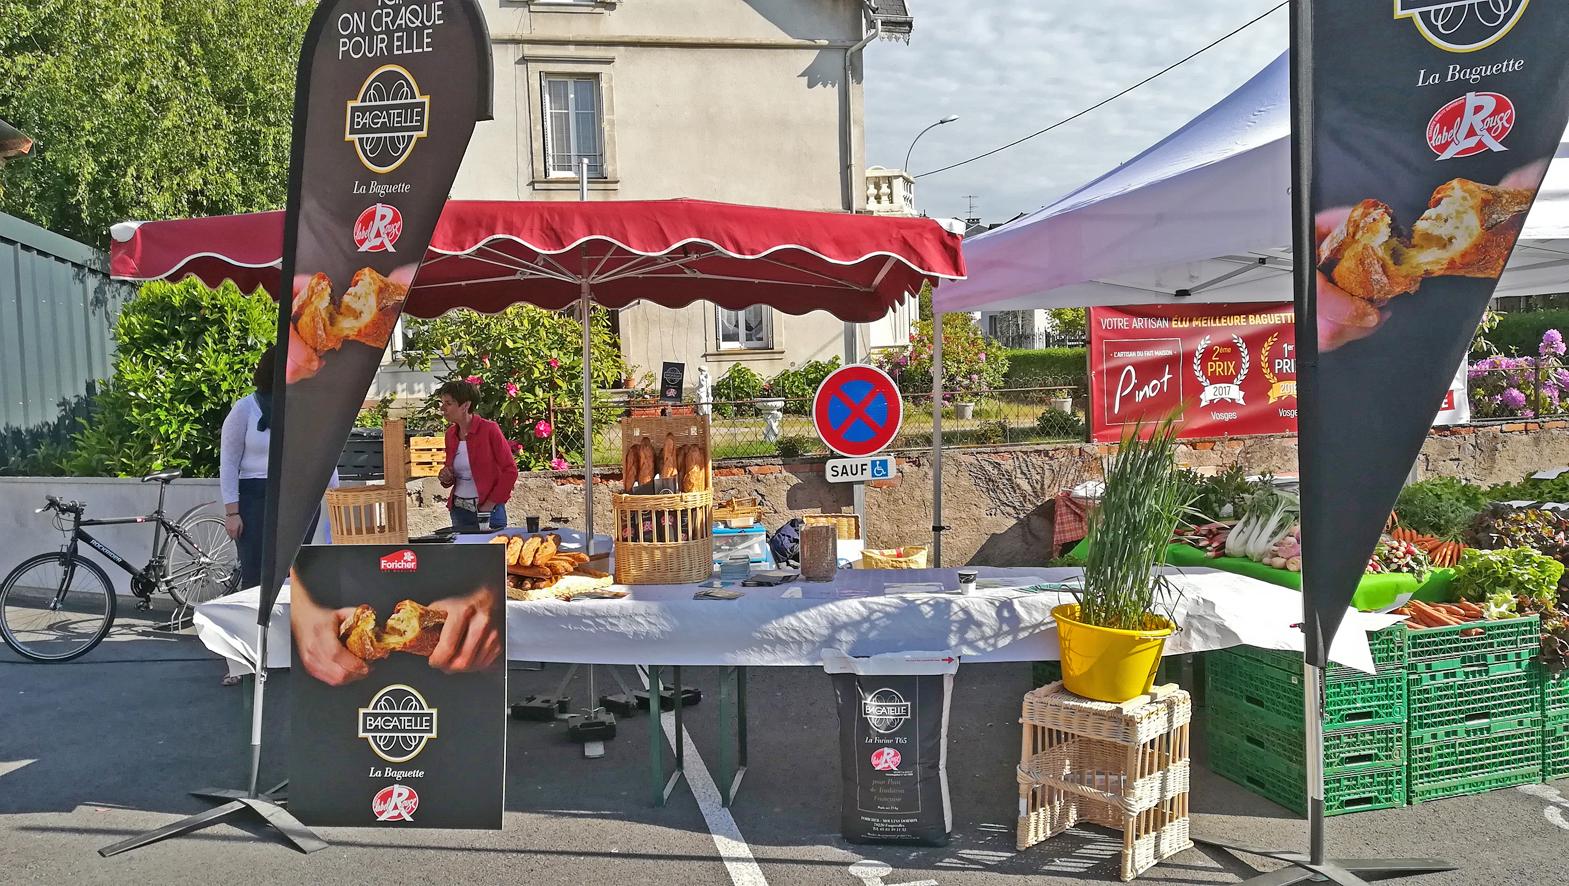 """Remiremont – Le label rouge décerné à la baguette """"Bagatelle"""" de la boulangerie Pinot"""